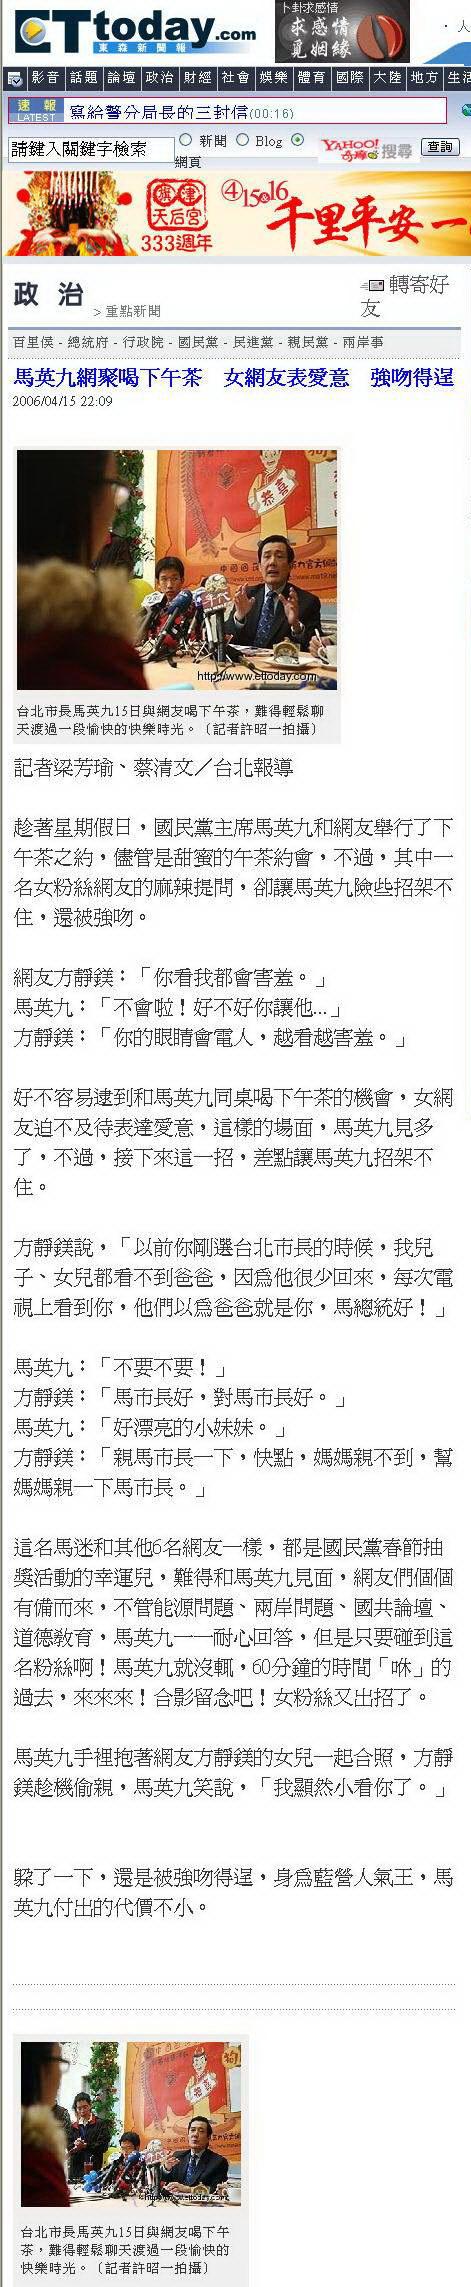 馬英九網聚喝下午茶女網友表愛意強吻得逞-2006.04.15.jpg